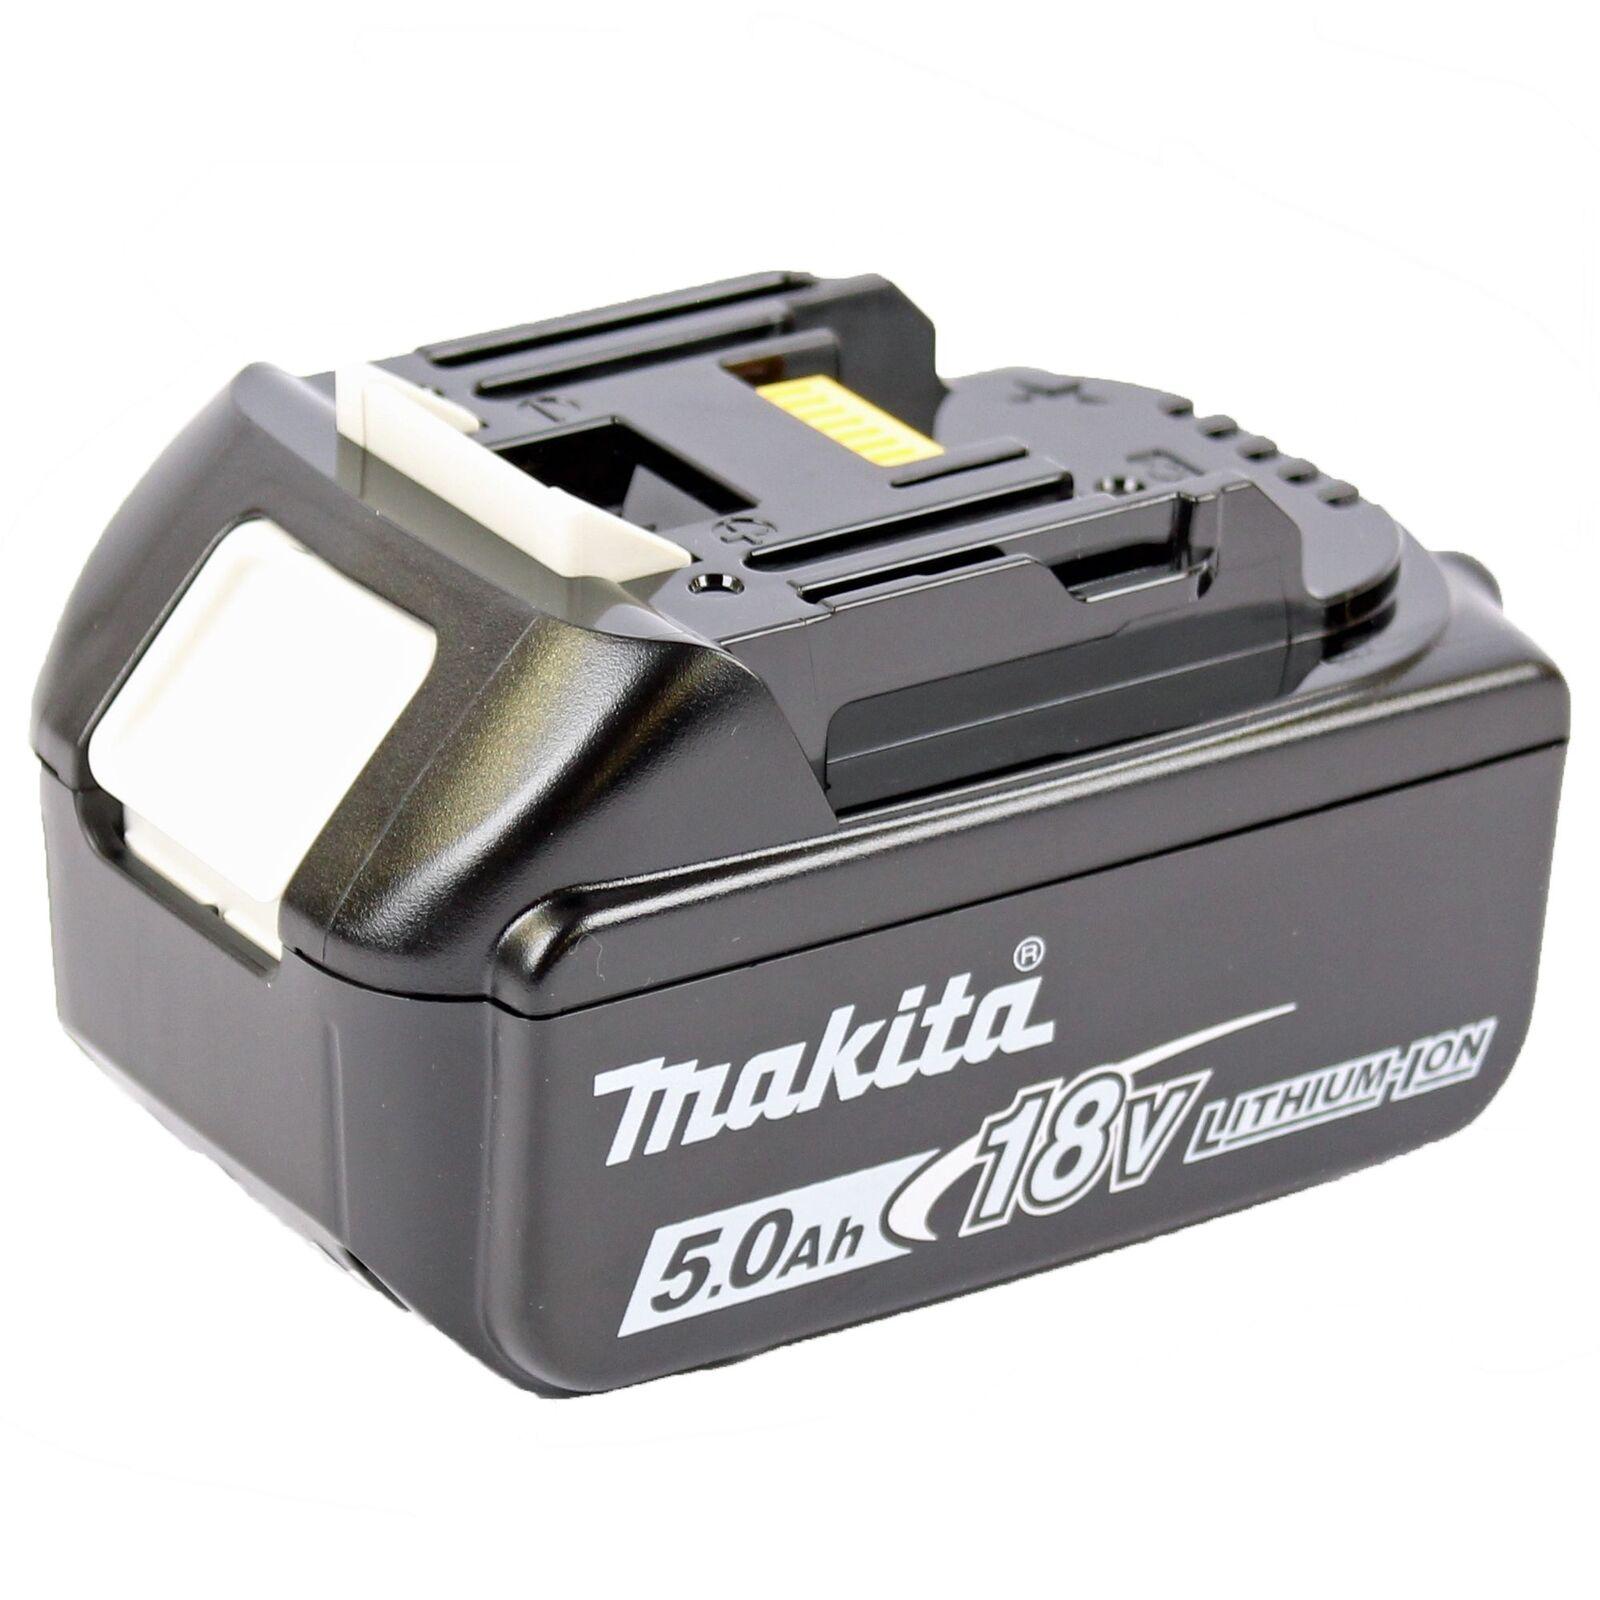 Makita Akku BL1850B 197280-8 18.0V 5,0Ah Li-Ion